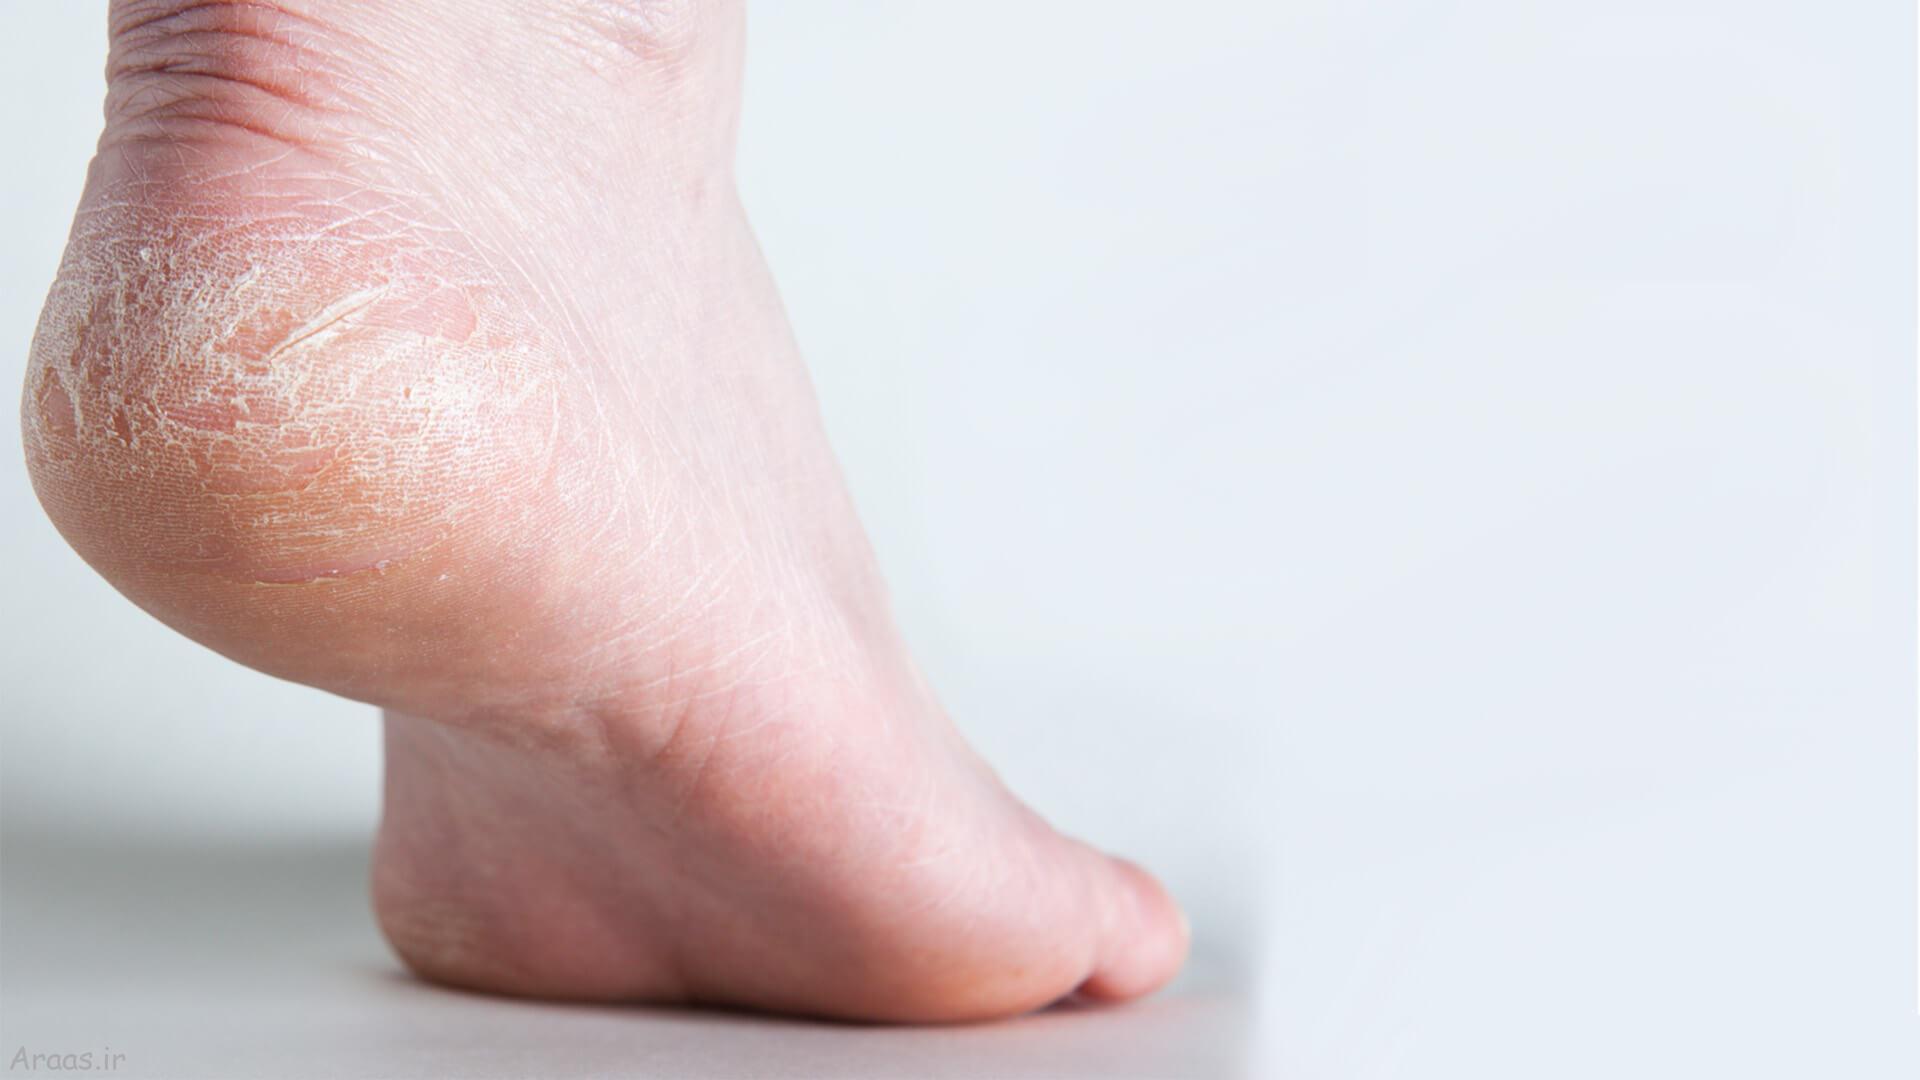 نرمی کف پا